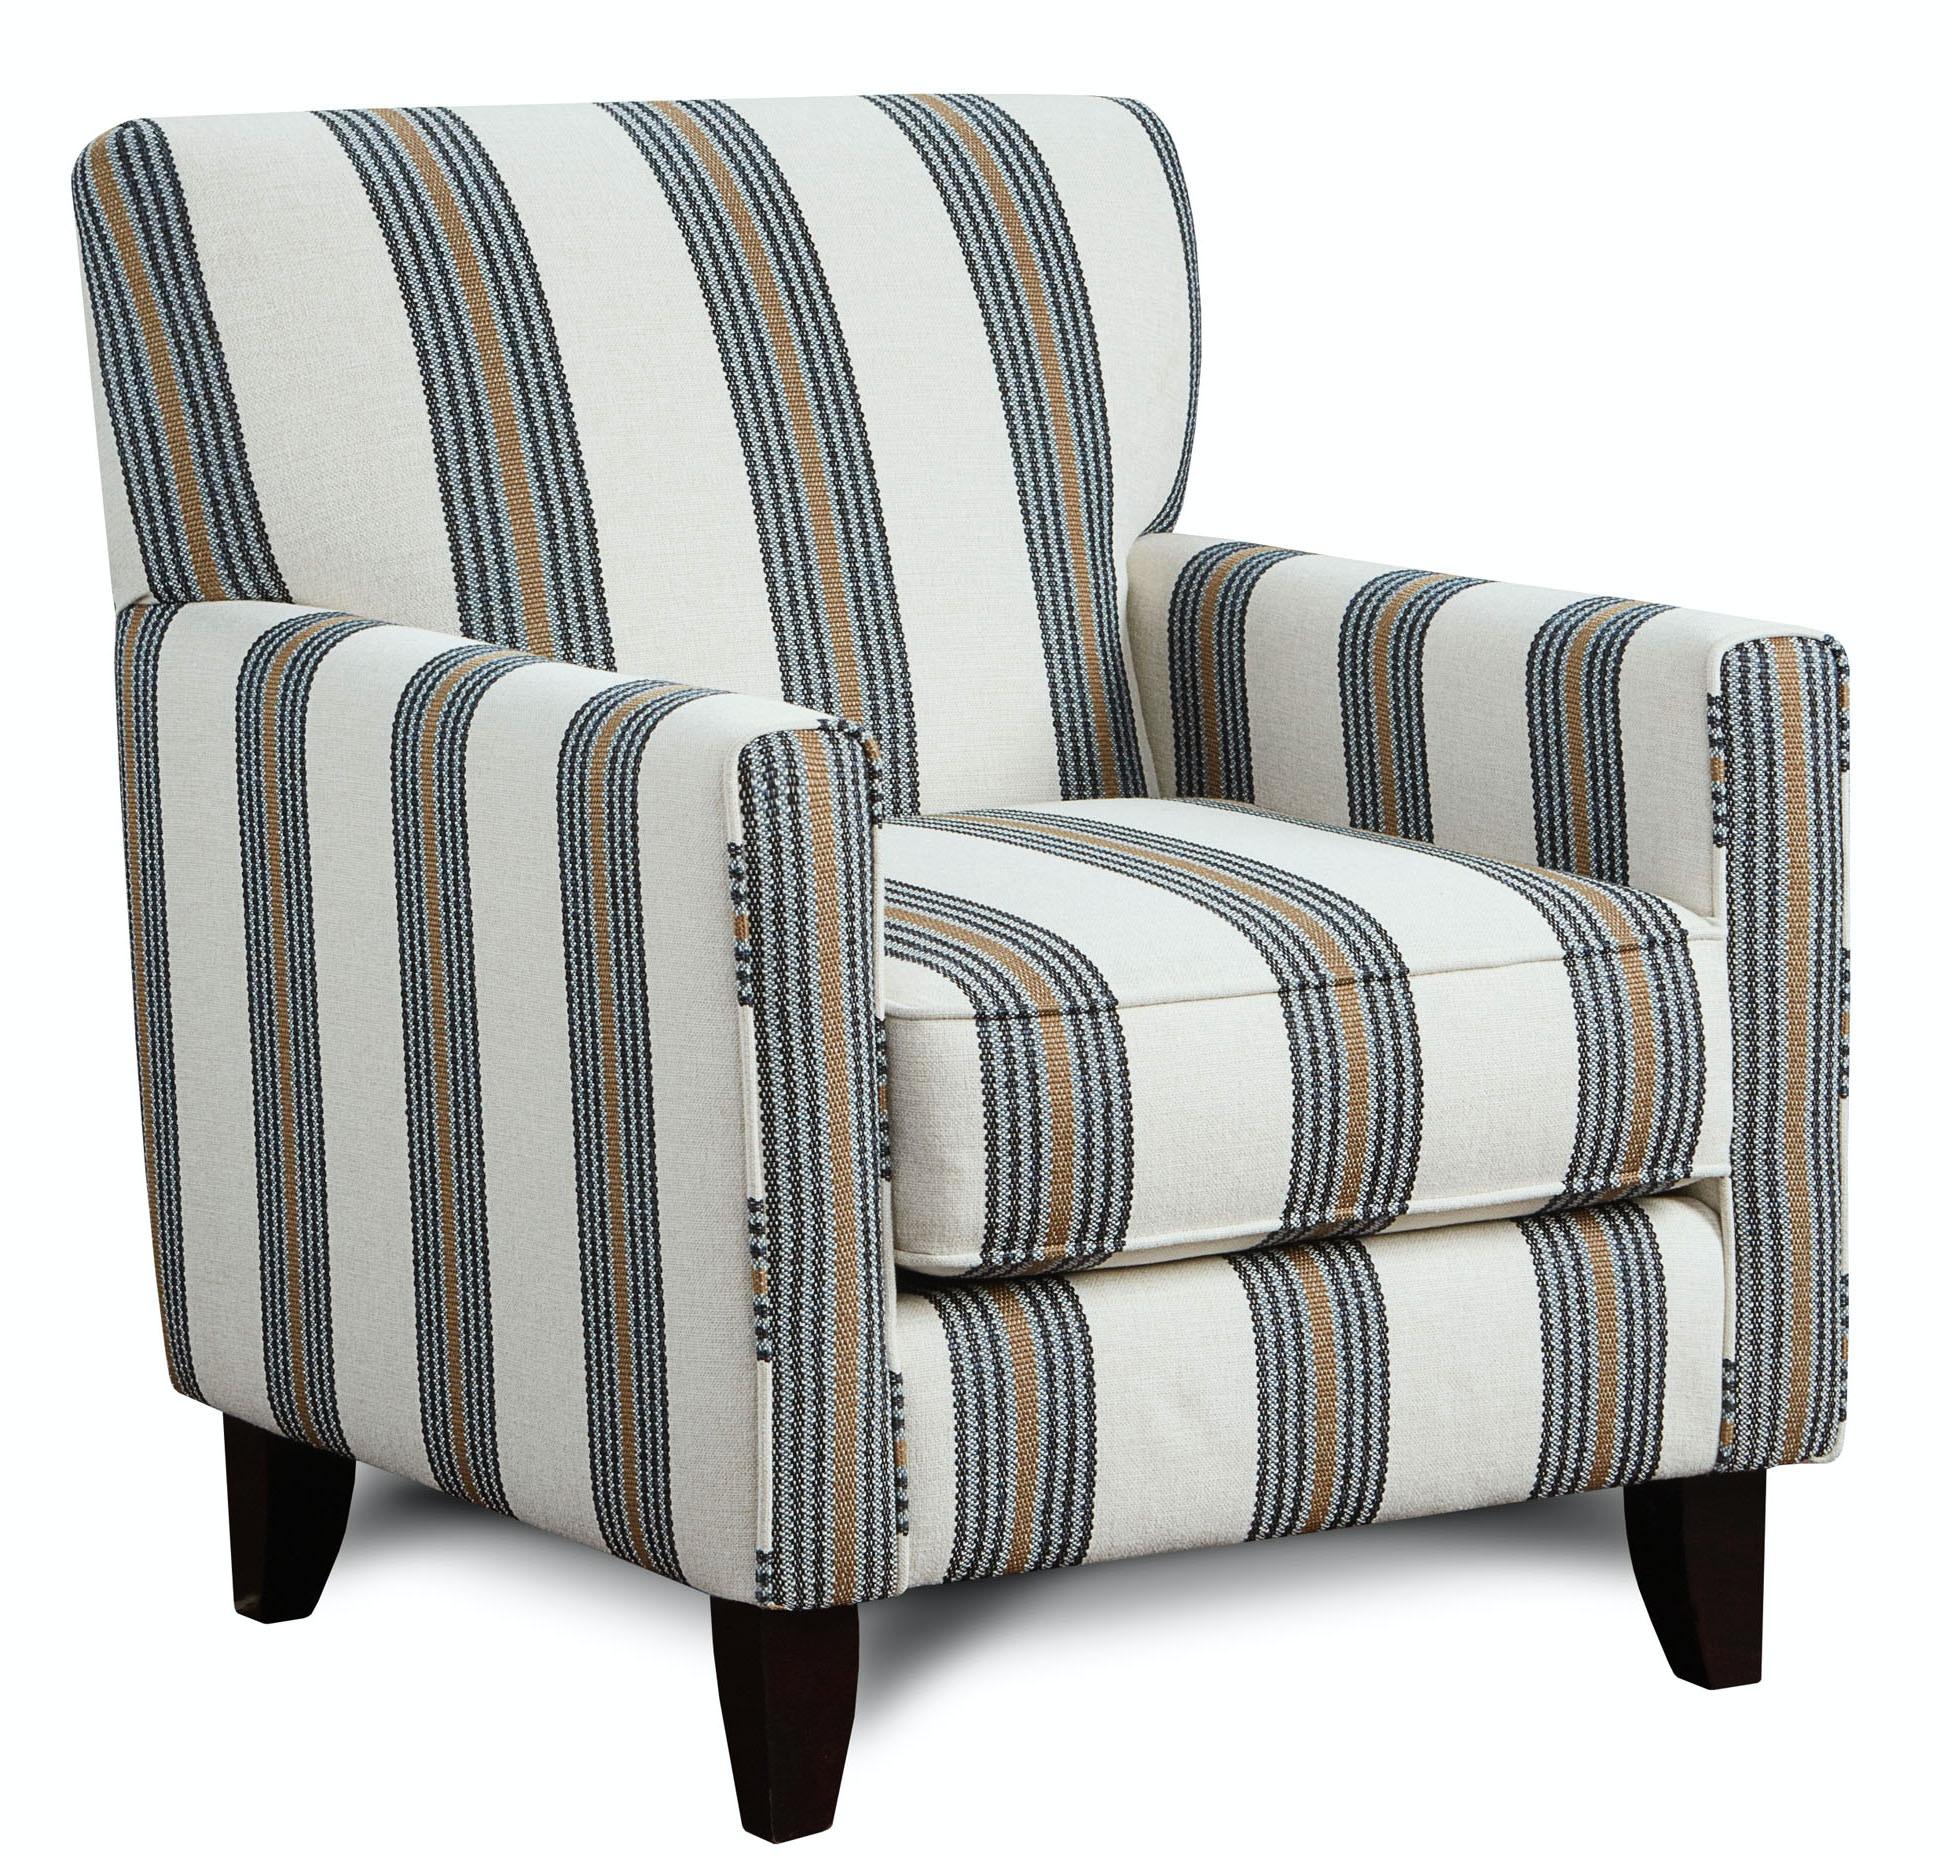 Merveilleux Ethan Stripe Chair ST:500775